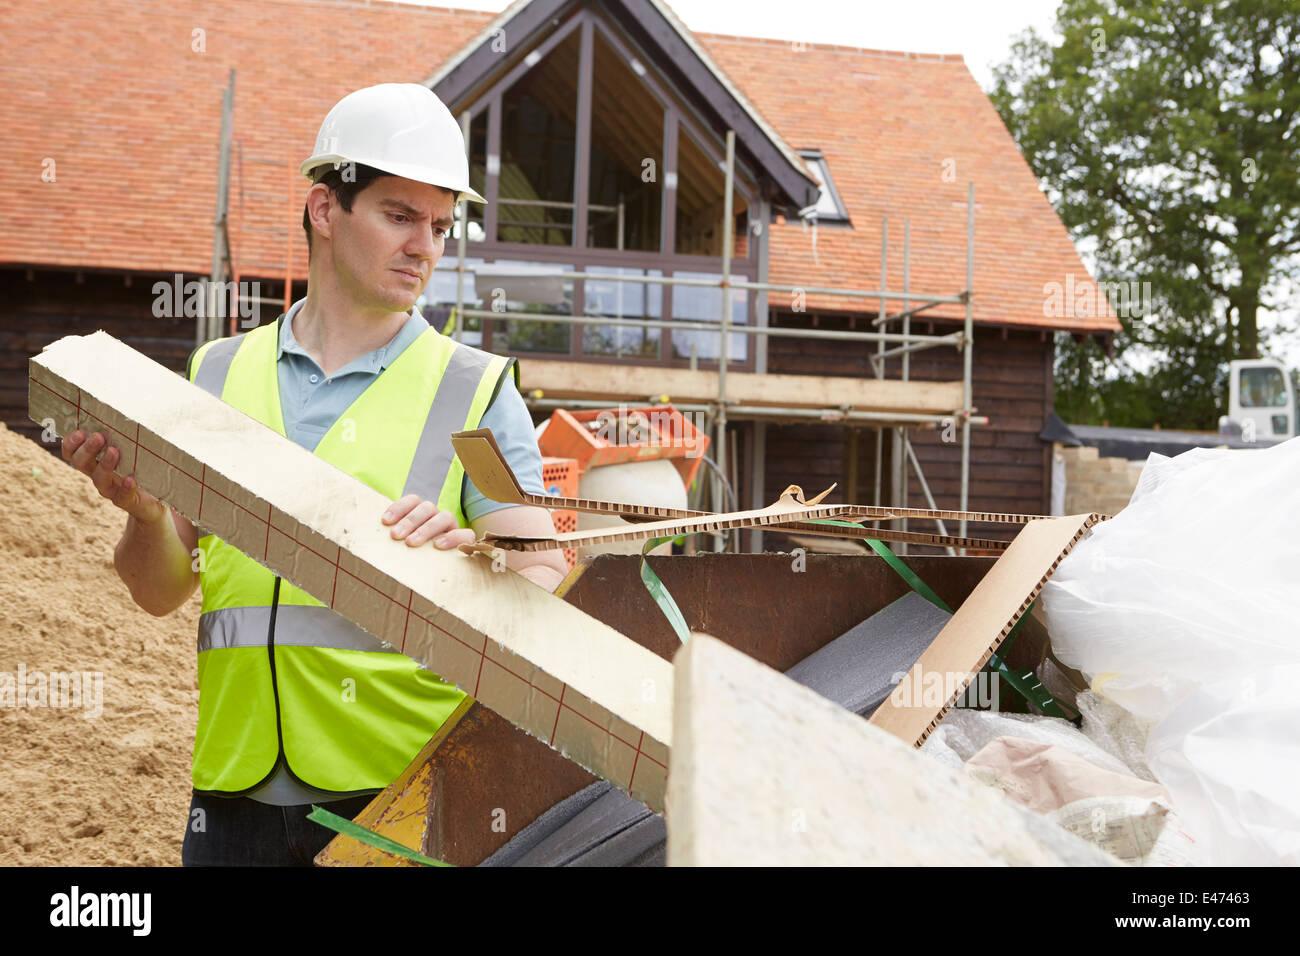 Builder arrojar residuos en Omitir en sitio en construcción Imagen De Stock